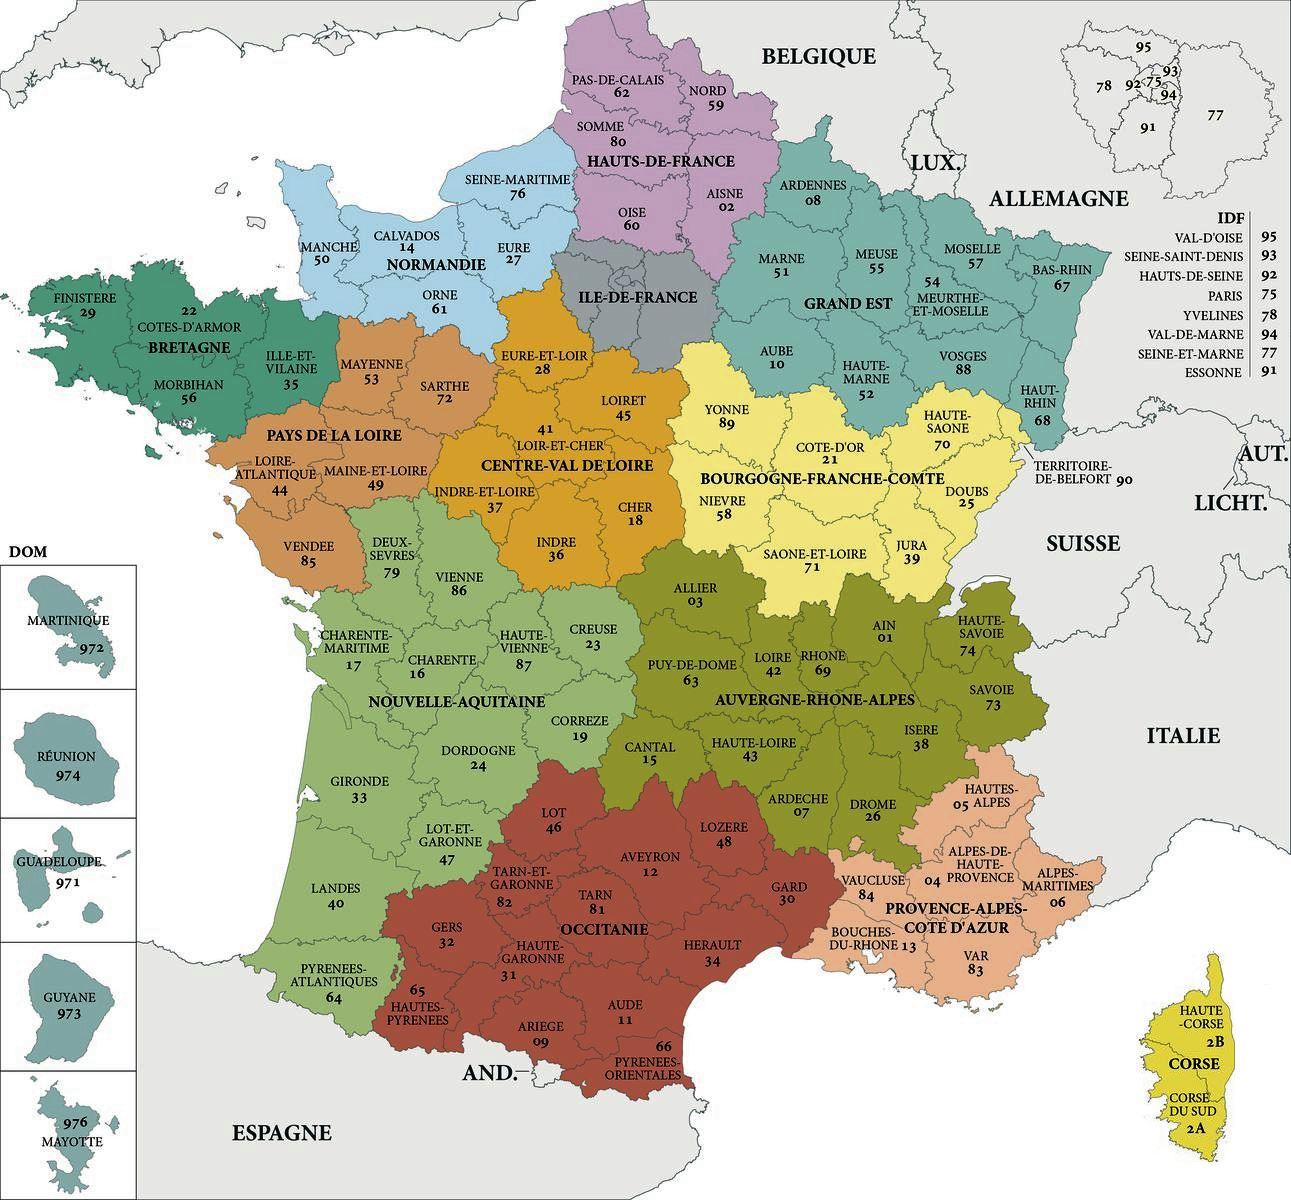 Carte De France Departements : Carte Des Départements De France à Carte De France Nouvelle Region